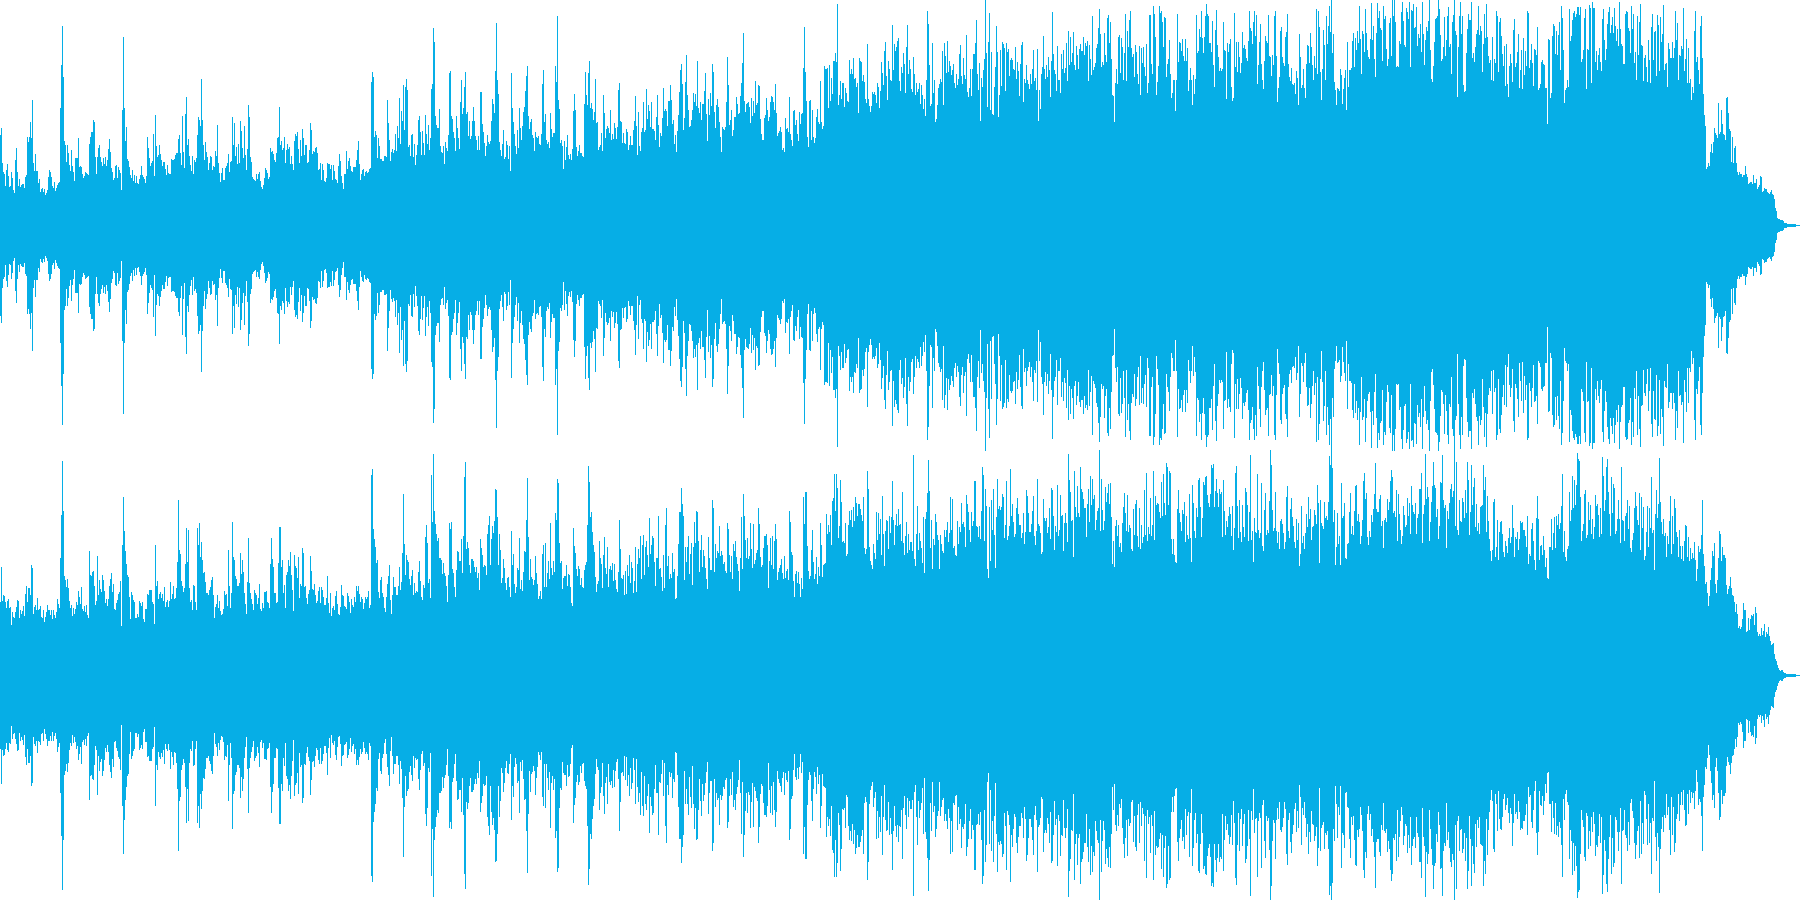 感動映像・ゲームのBGMの再生済みの波形